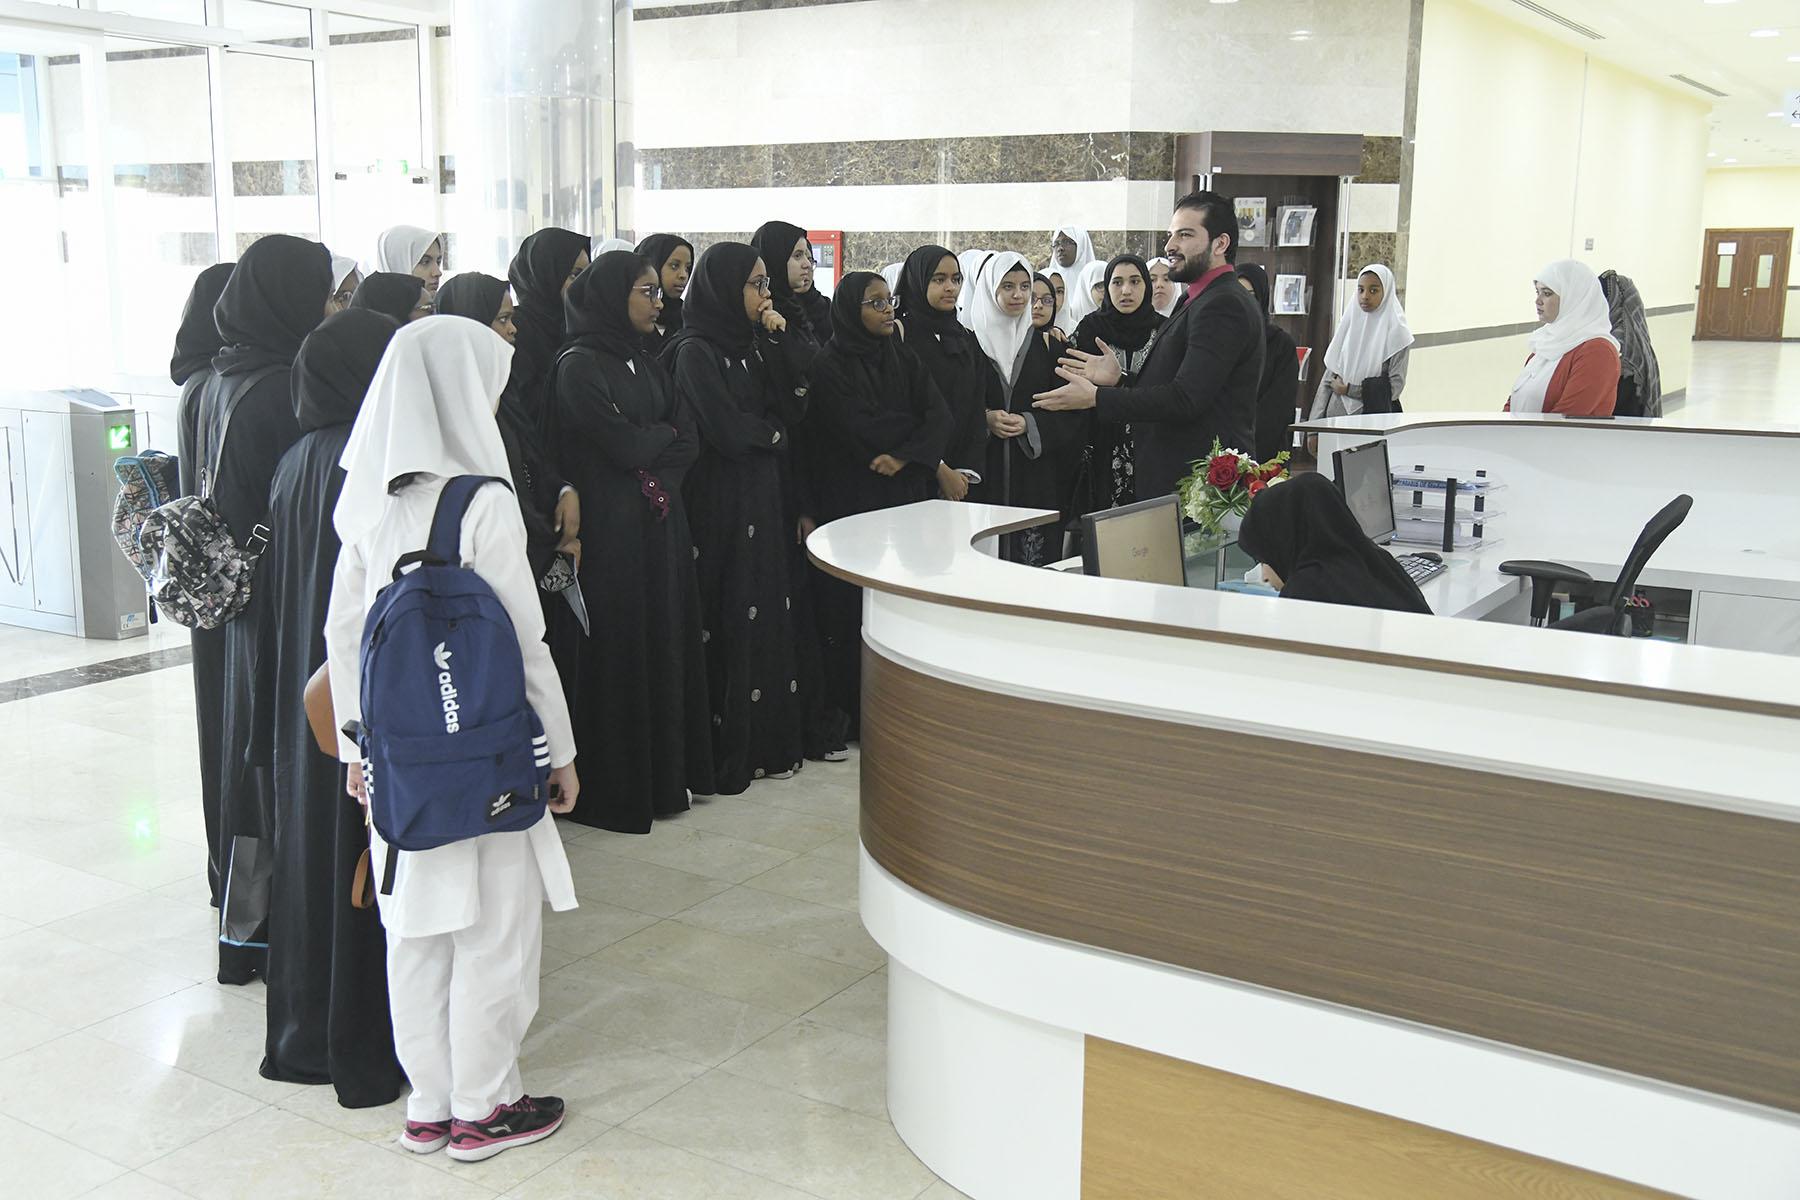 اليوم السادس (المدرسة الاسلامية الإنجليزية ضد مدرسة أشبال القدس الثانوية الخاصة)